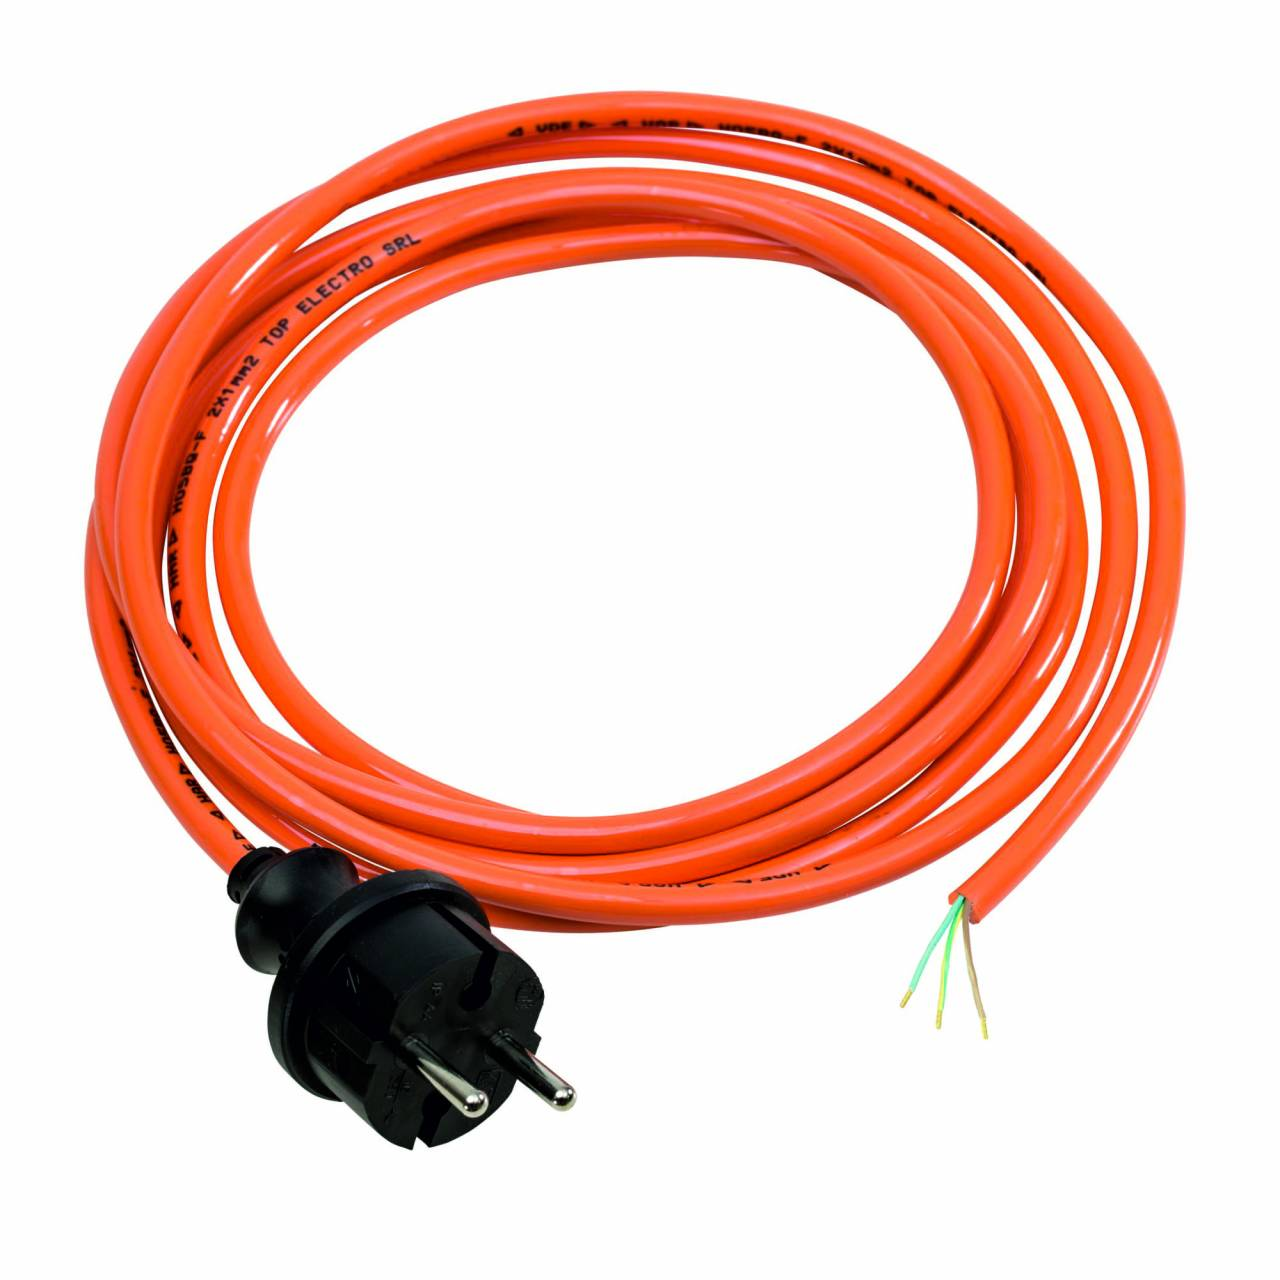 PUR-Anschlussleitung, orange, 230V, H07BQ-F 3G1,0 / 3 m